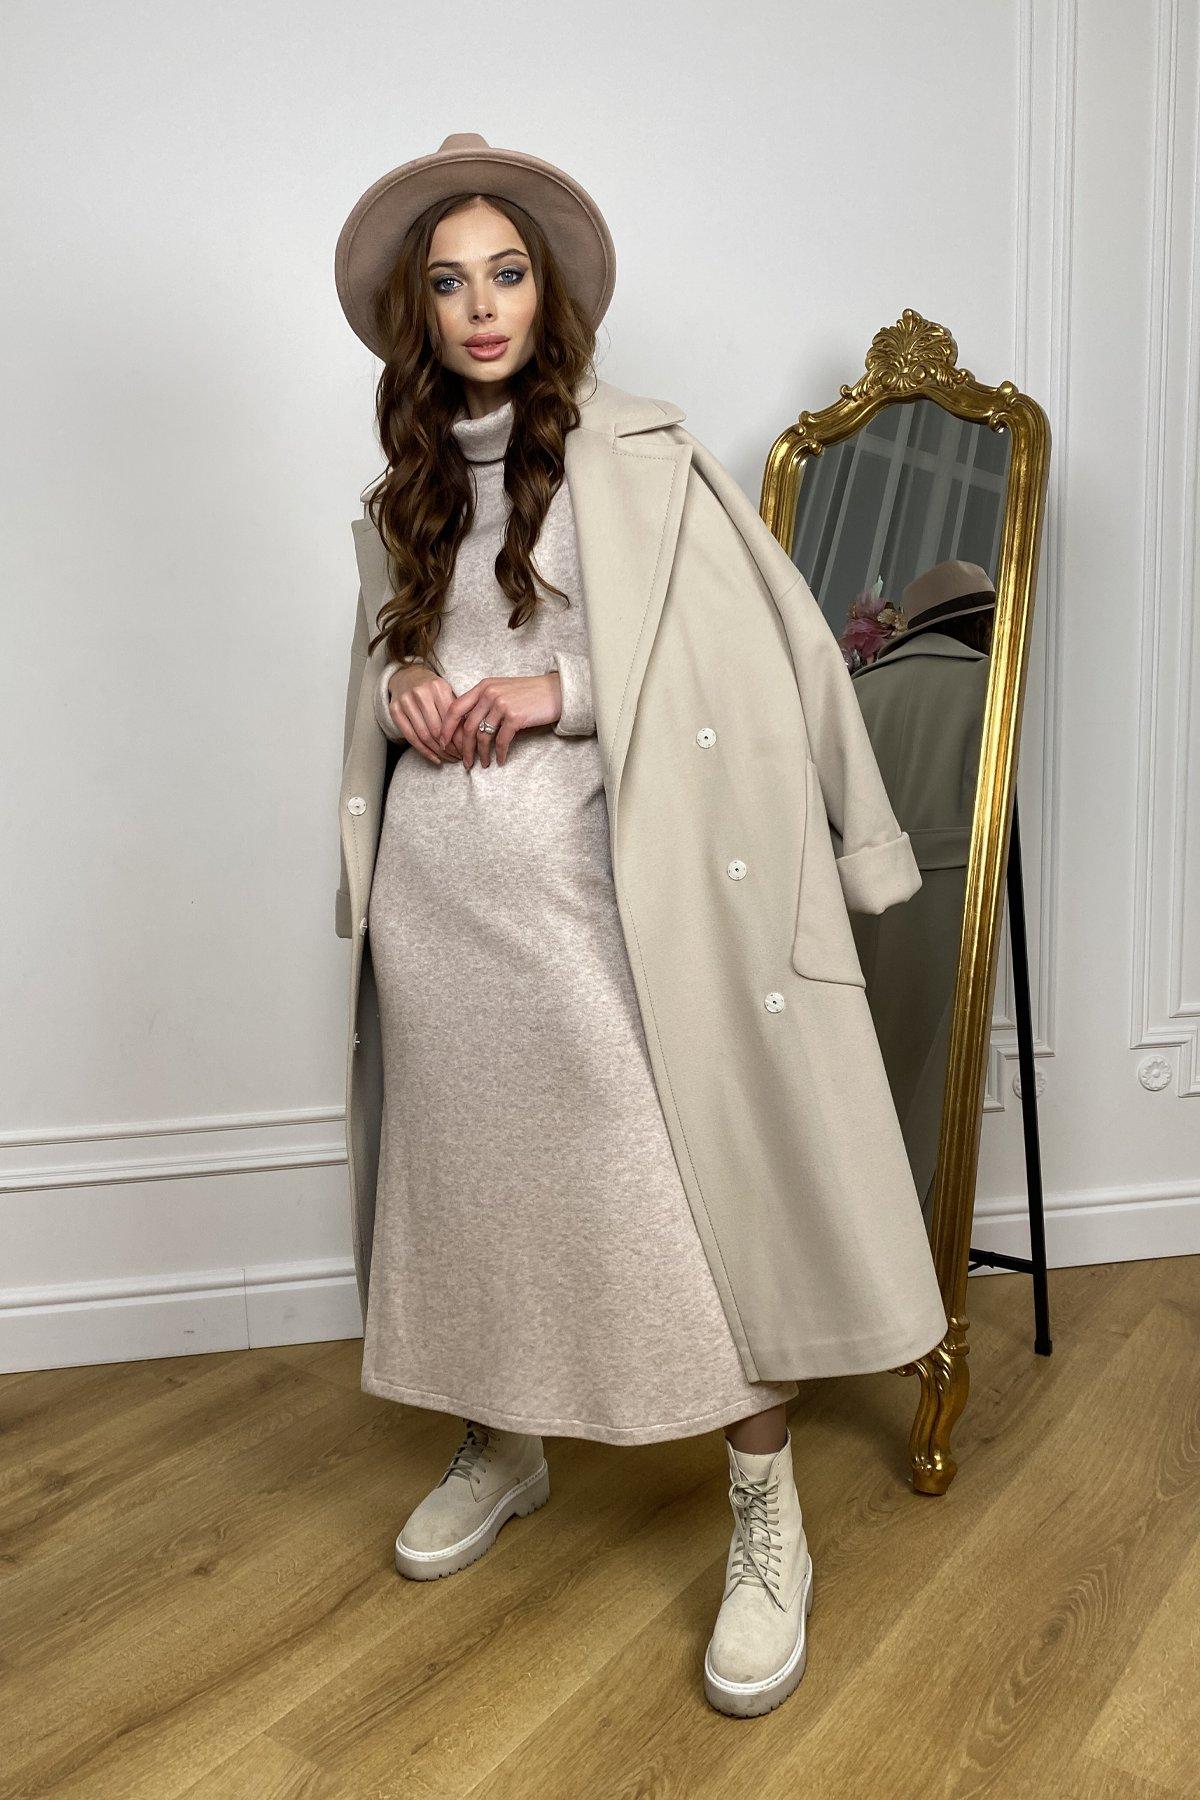 Кейт  зимнее пальто  из кашемира с хомутом 10097 АРТ. 46406 Цвет: Бежевый - фото 1, интернет магазин tm-modus.ru